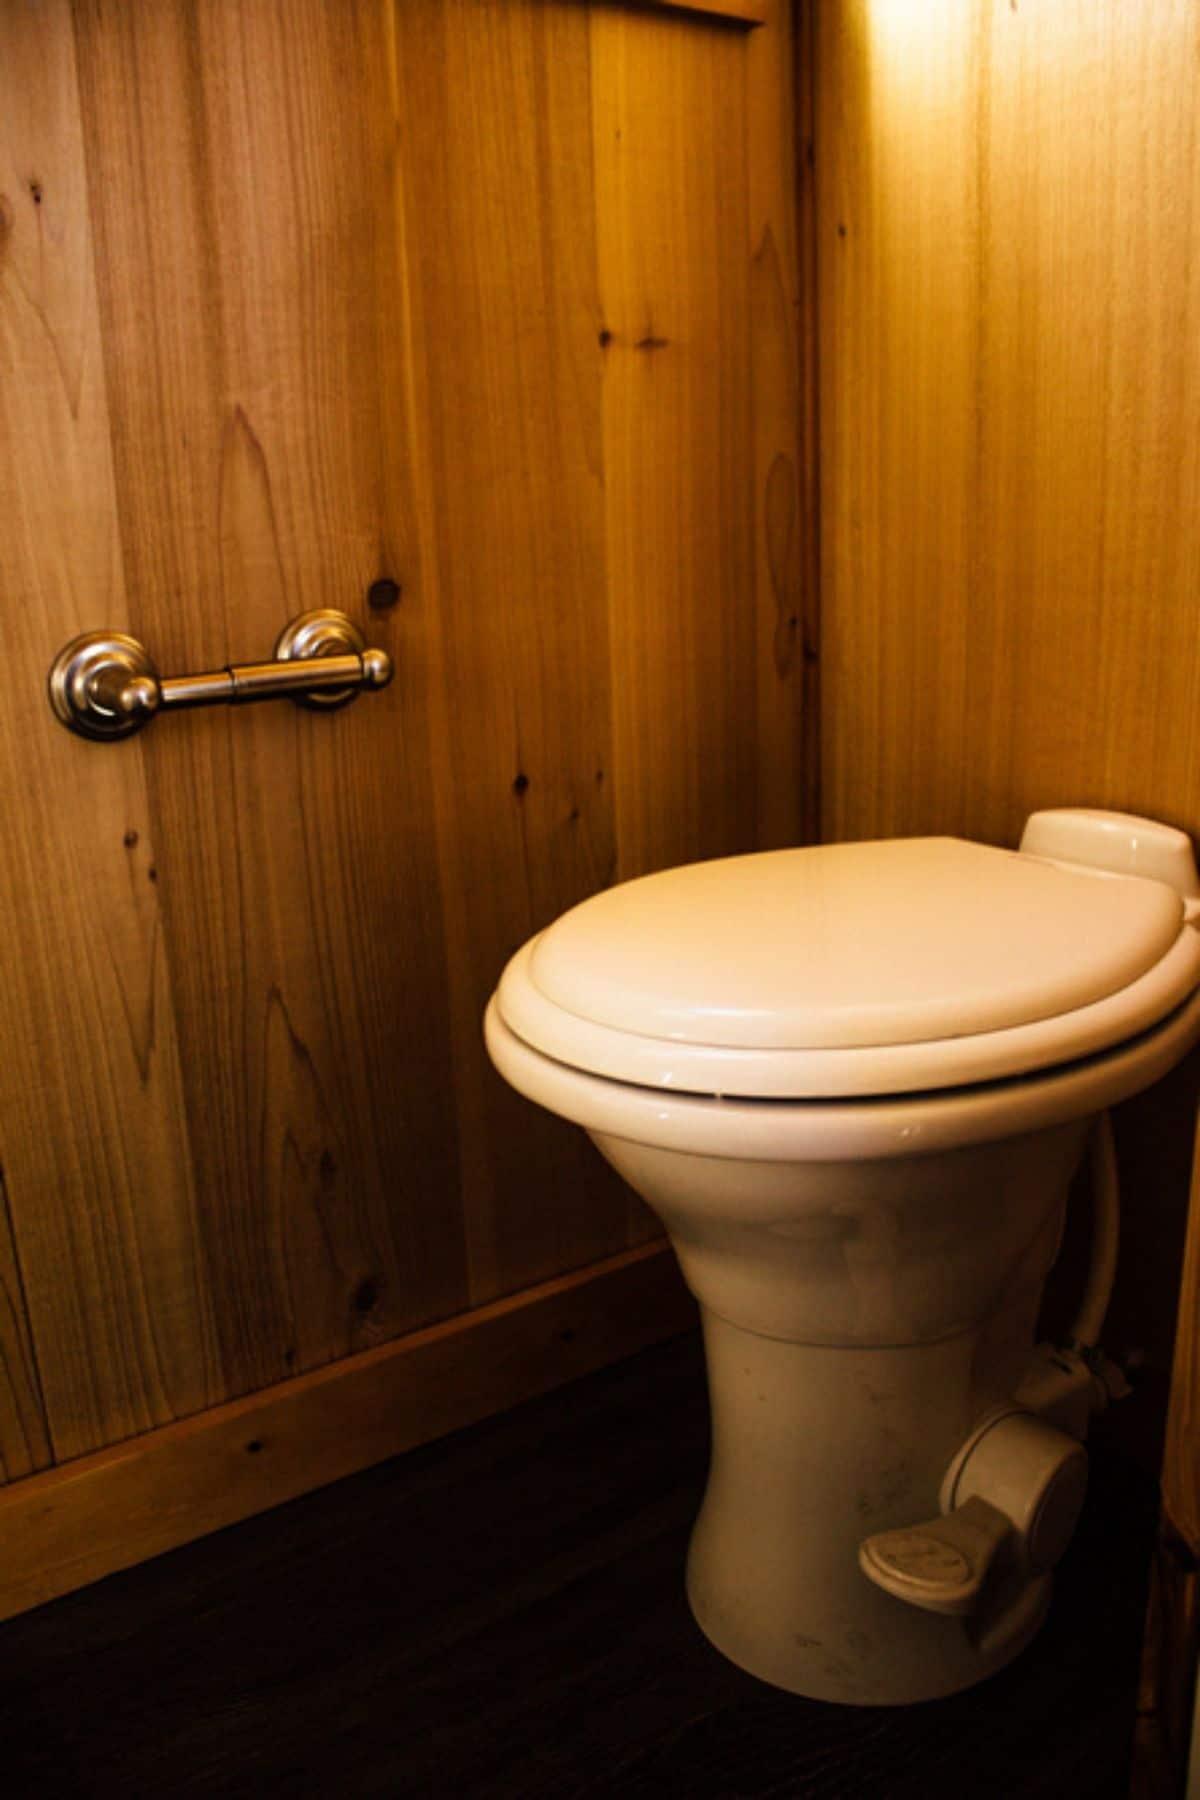 White flush toilet against wooden paneling in bathroom